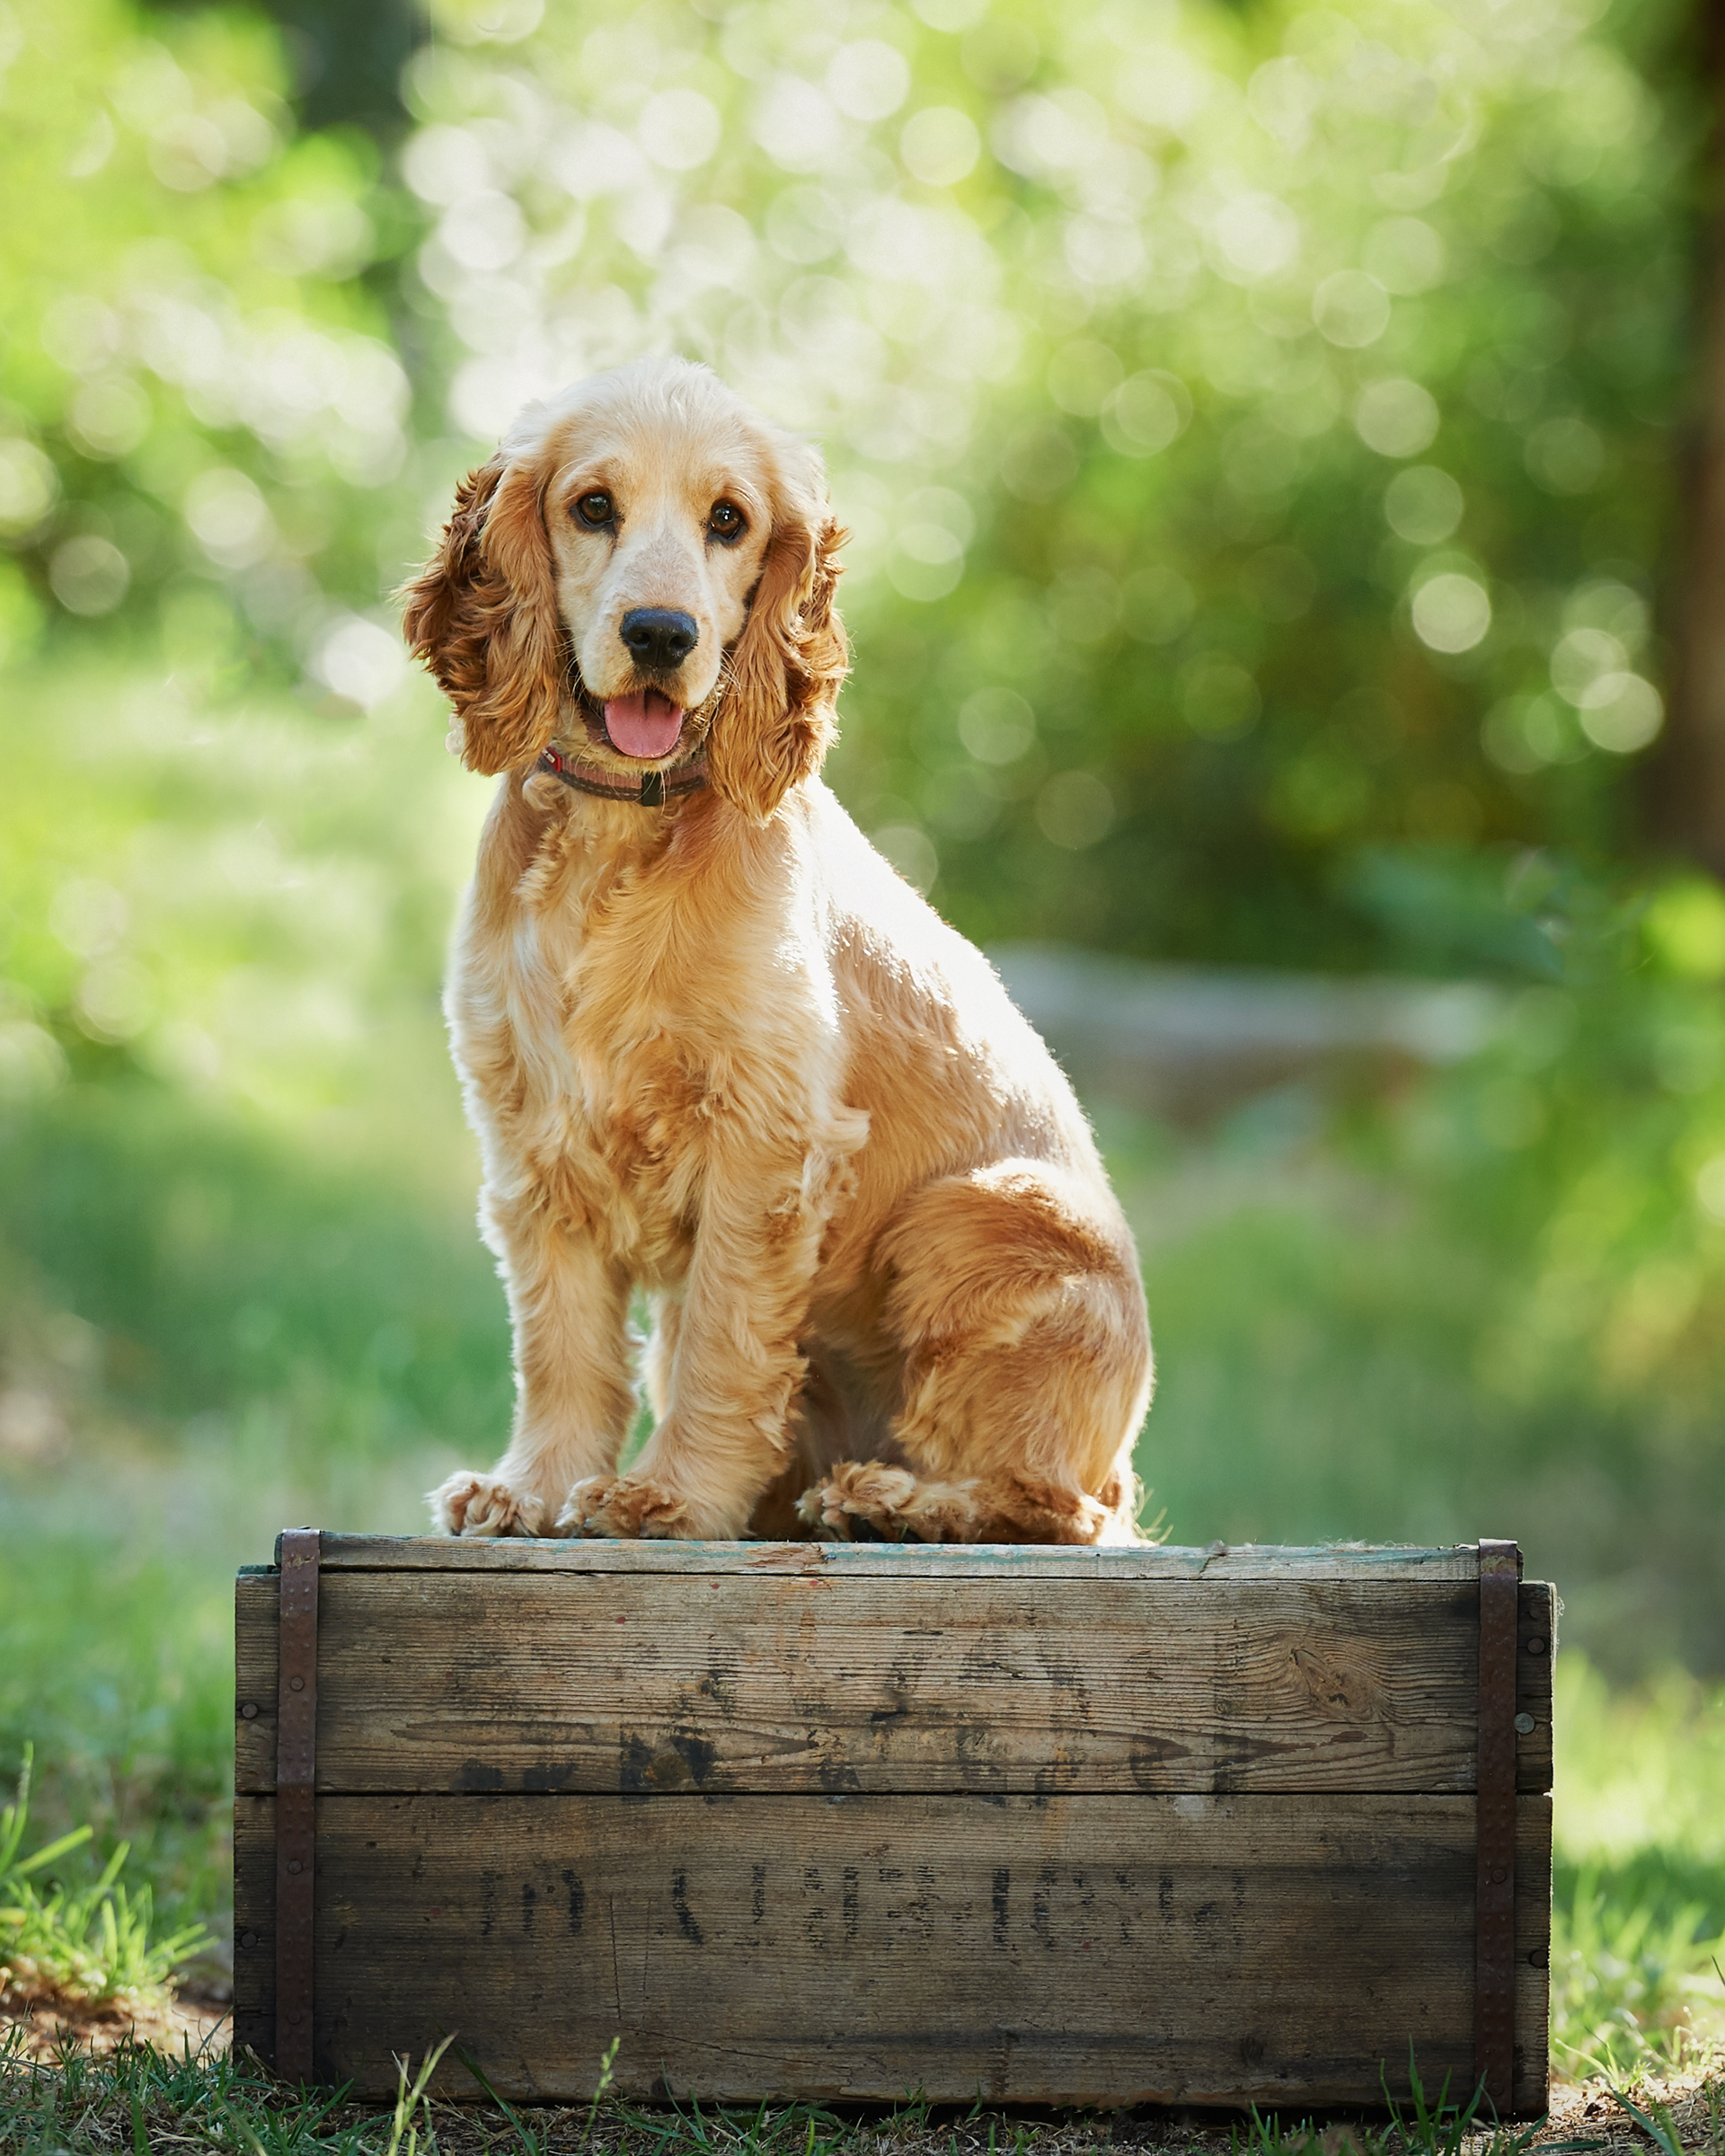 cocker_spaniel_Pet_dog_four_paws_portrait